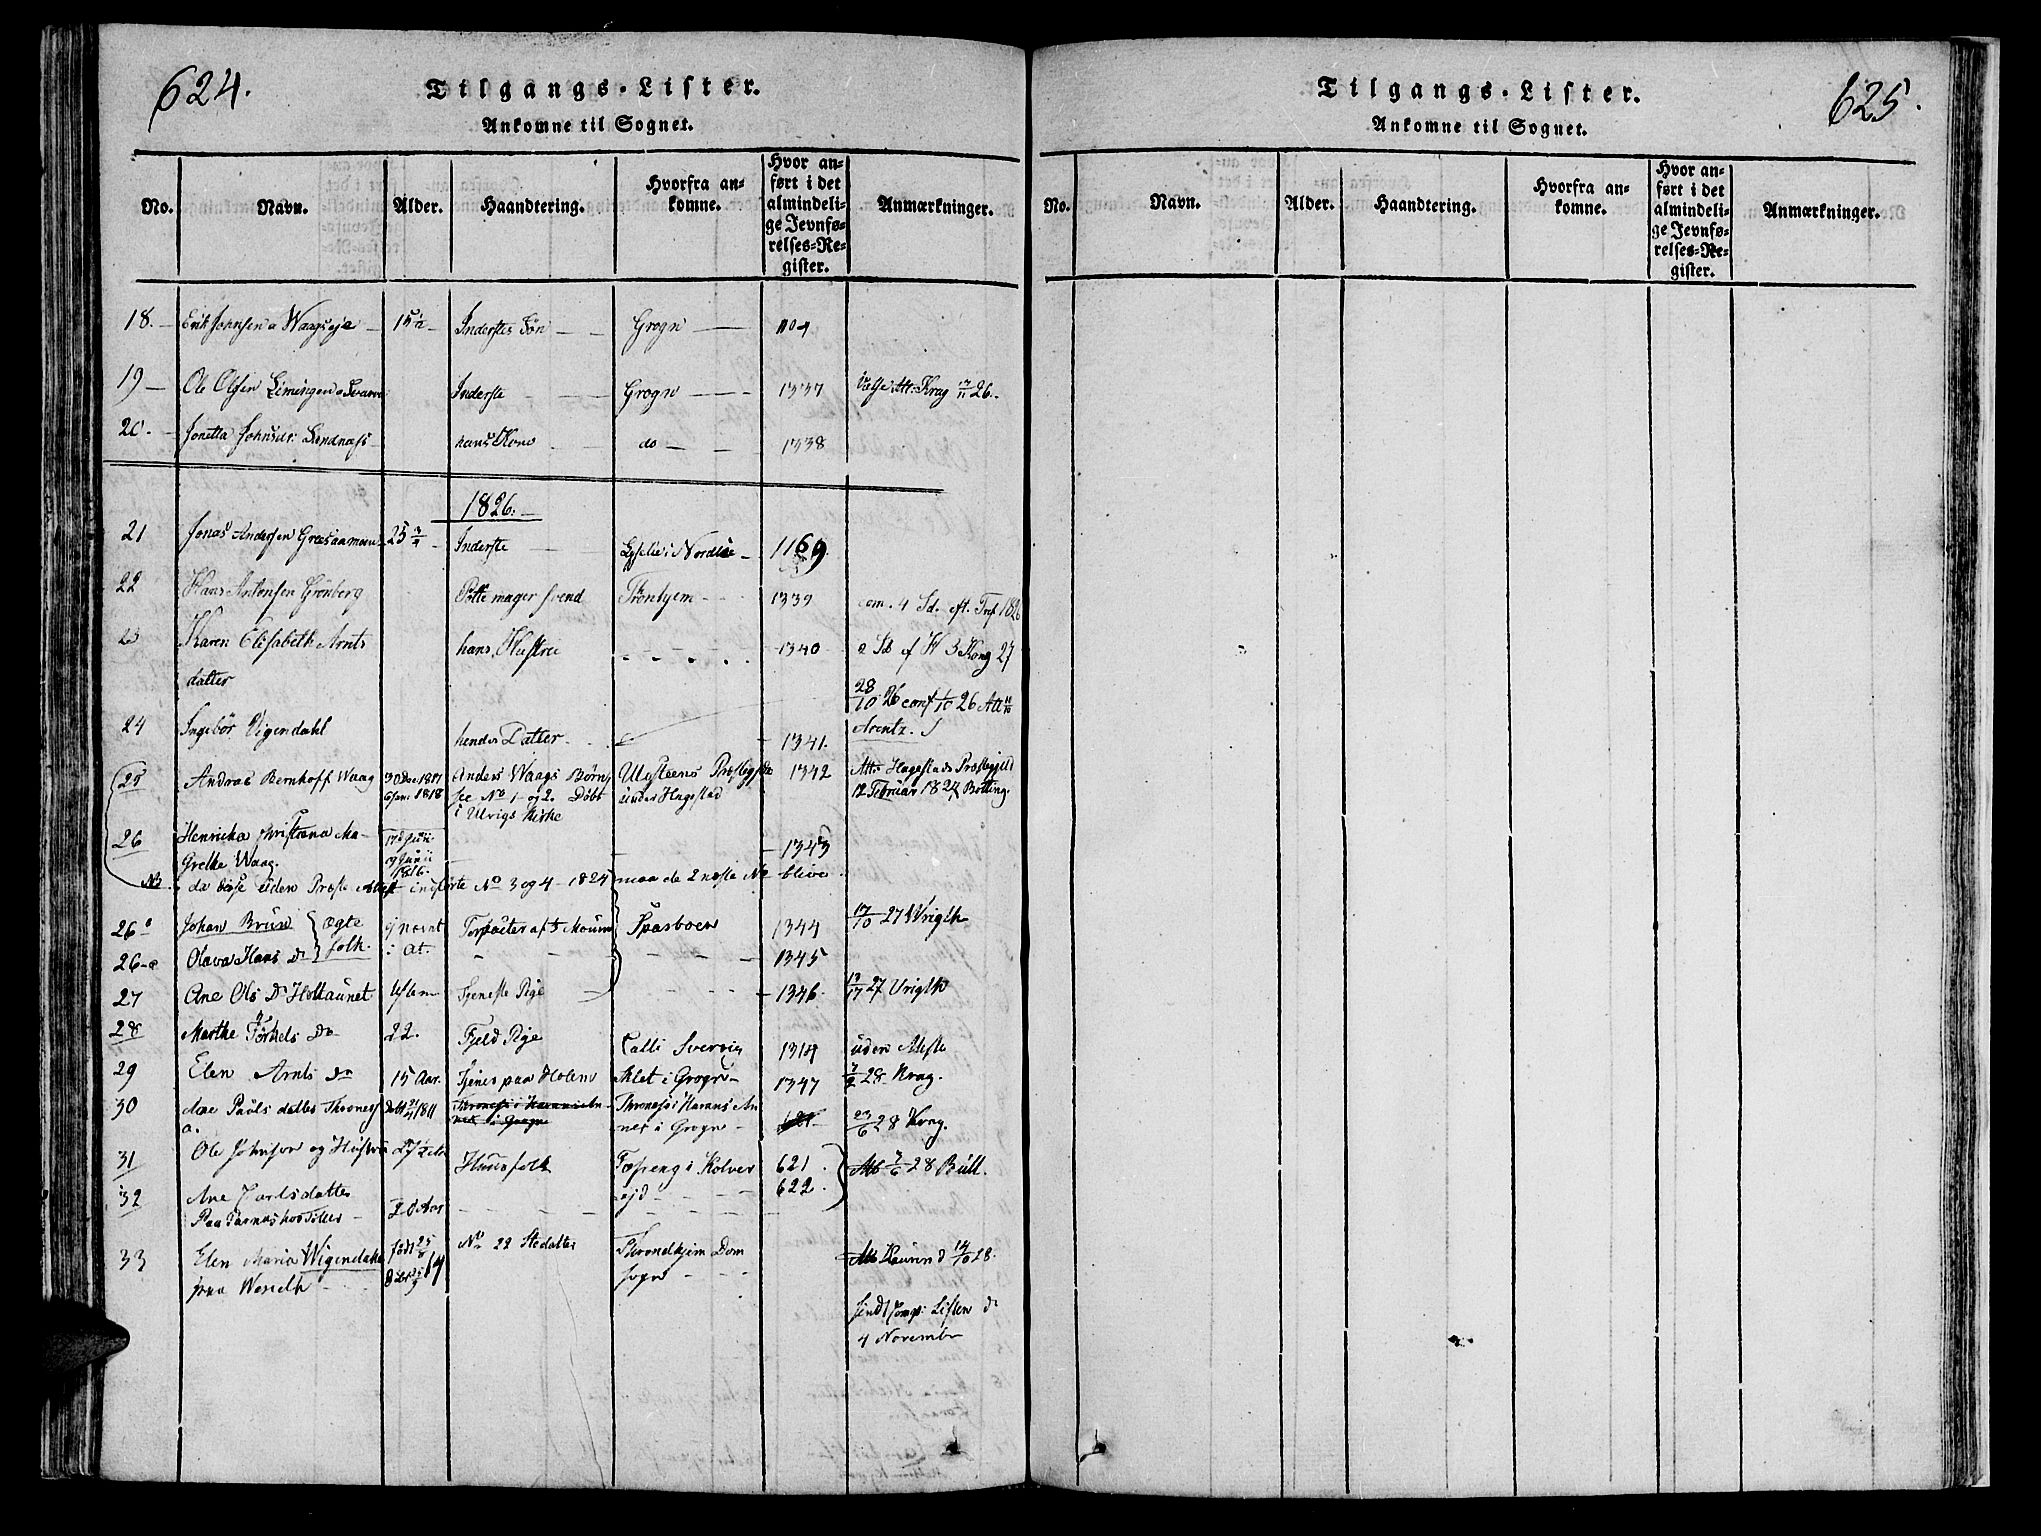 SAT, Ministerialprotokoller, klokkerbøker og fødselsregistre - Nord-Trøndelag, 749/L0479: Klokkerbok nr. 749C01, 1817-1829, s. 624-625